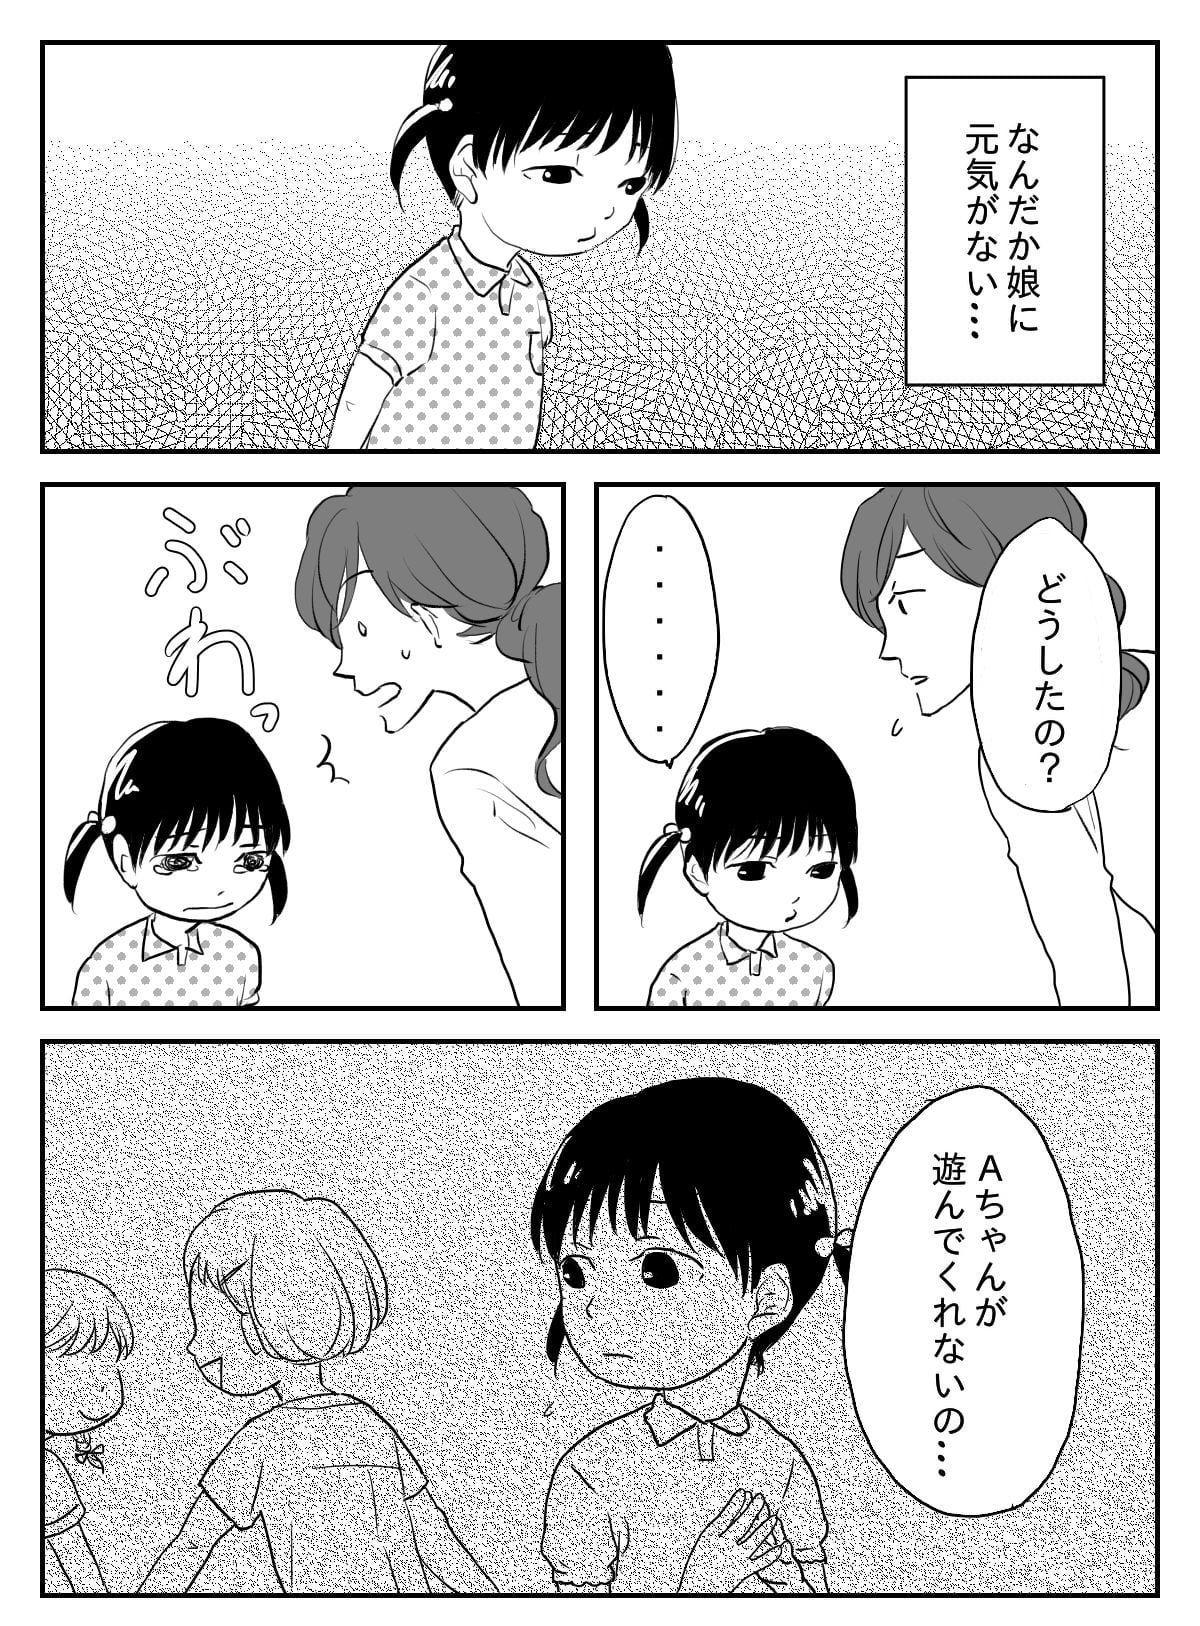 チャンネル ママスタ かな